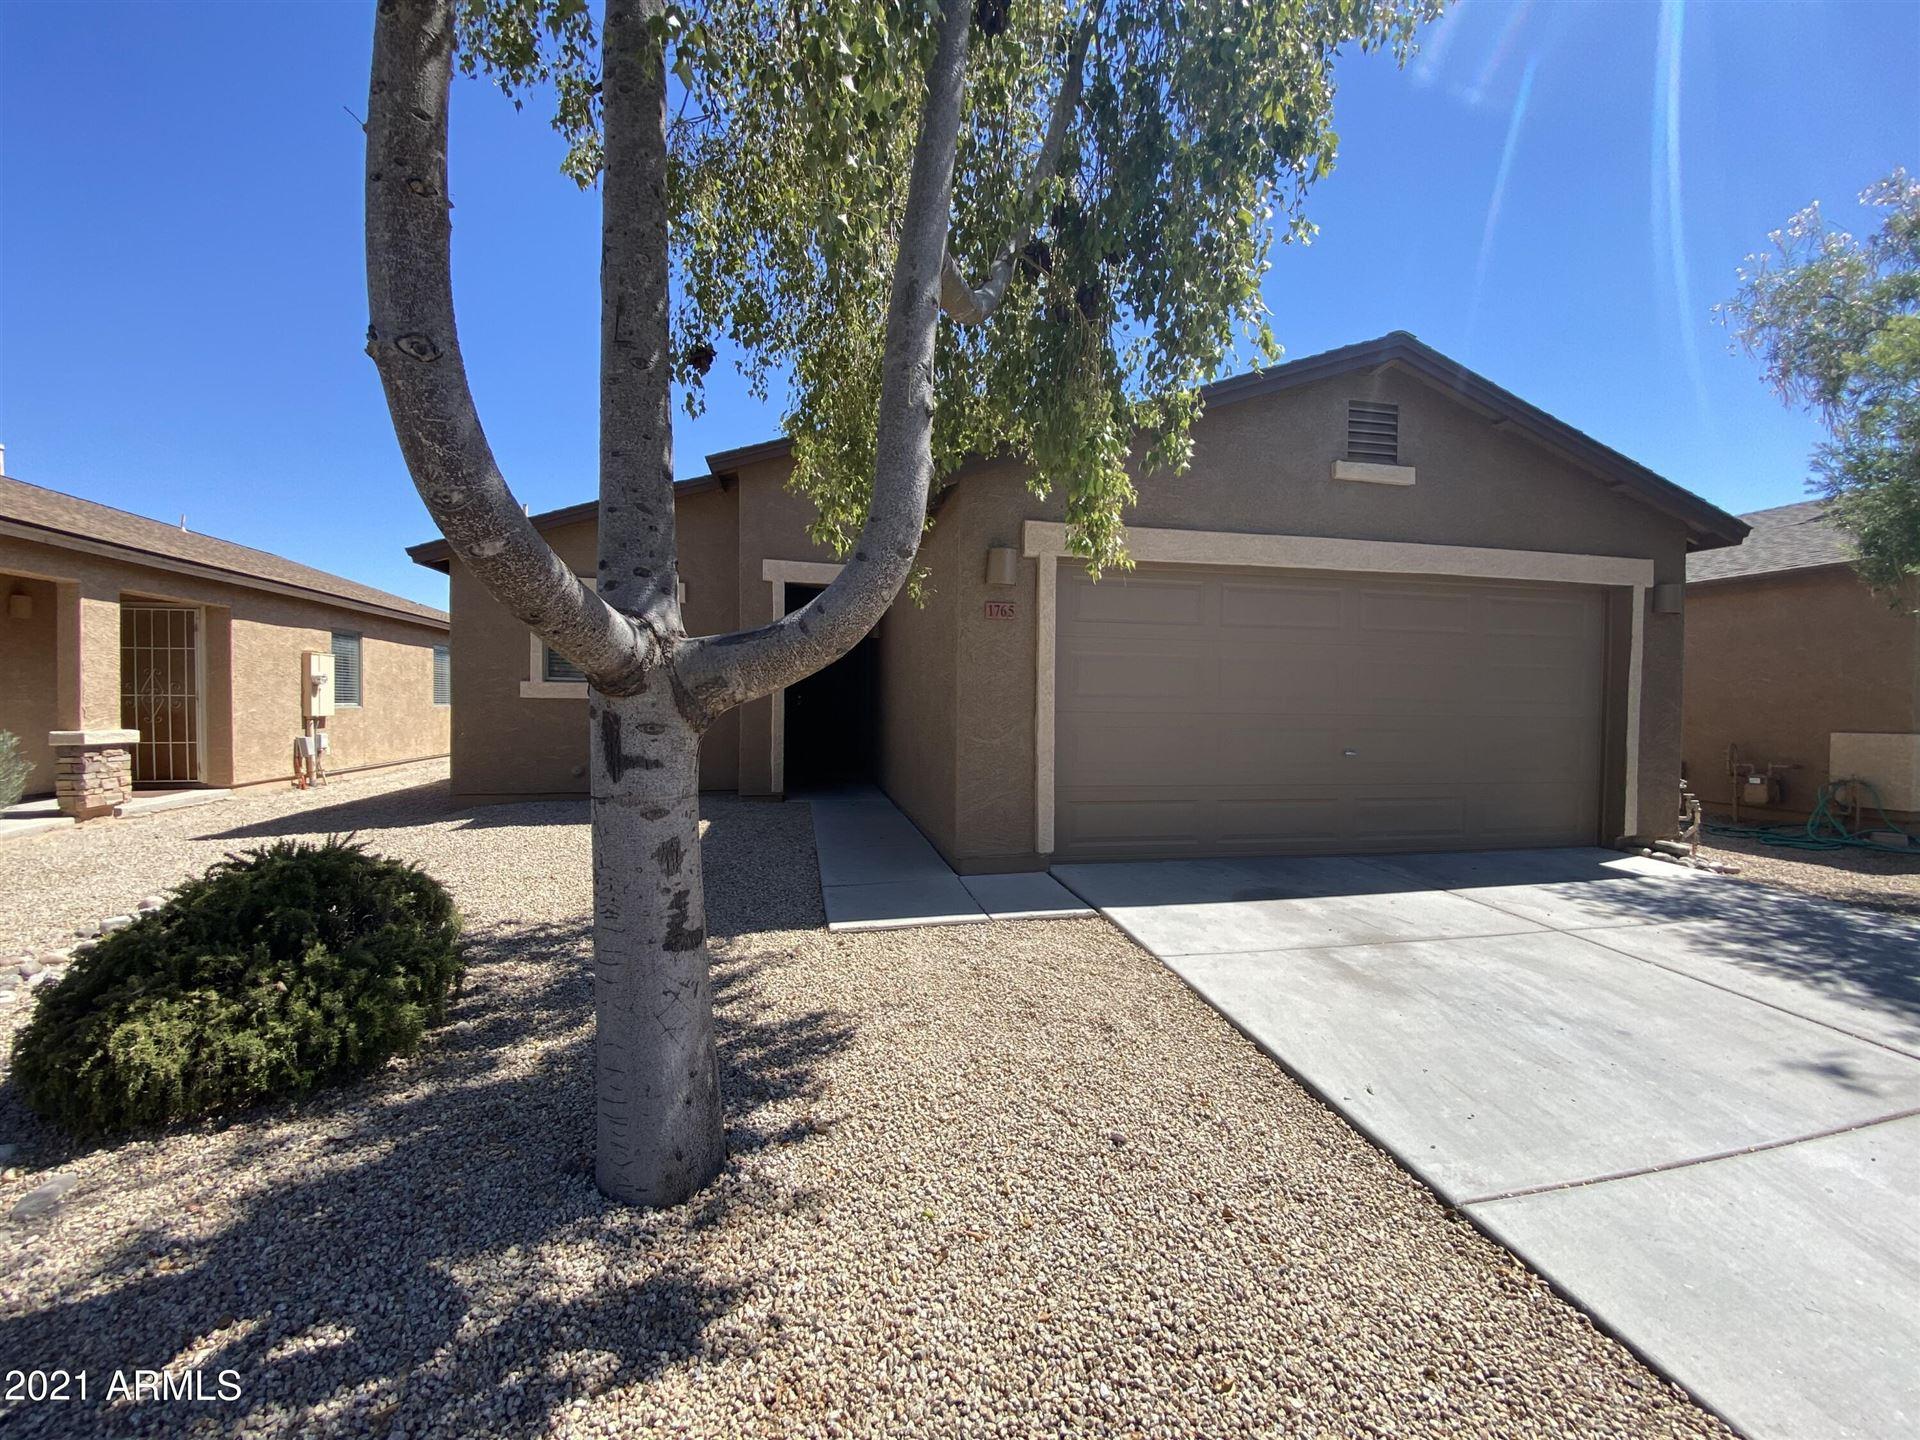 Photo of 1765 E COWBOY COVE Trail, San Tan Valley, AZ 85143 (MLS # 6249766)